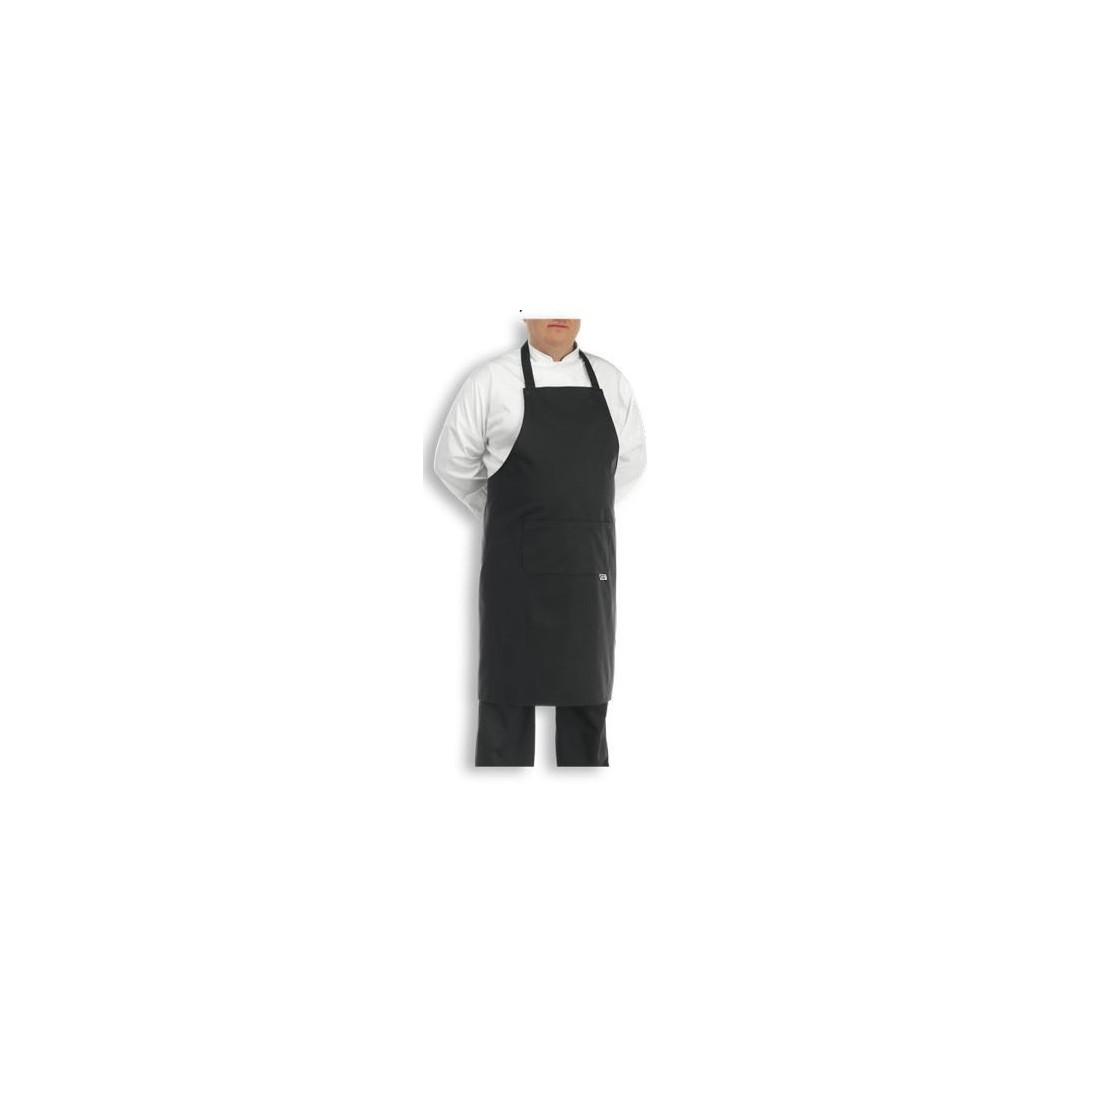 Delantal de cocina extra grande BIG negro 1904002C